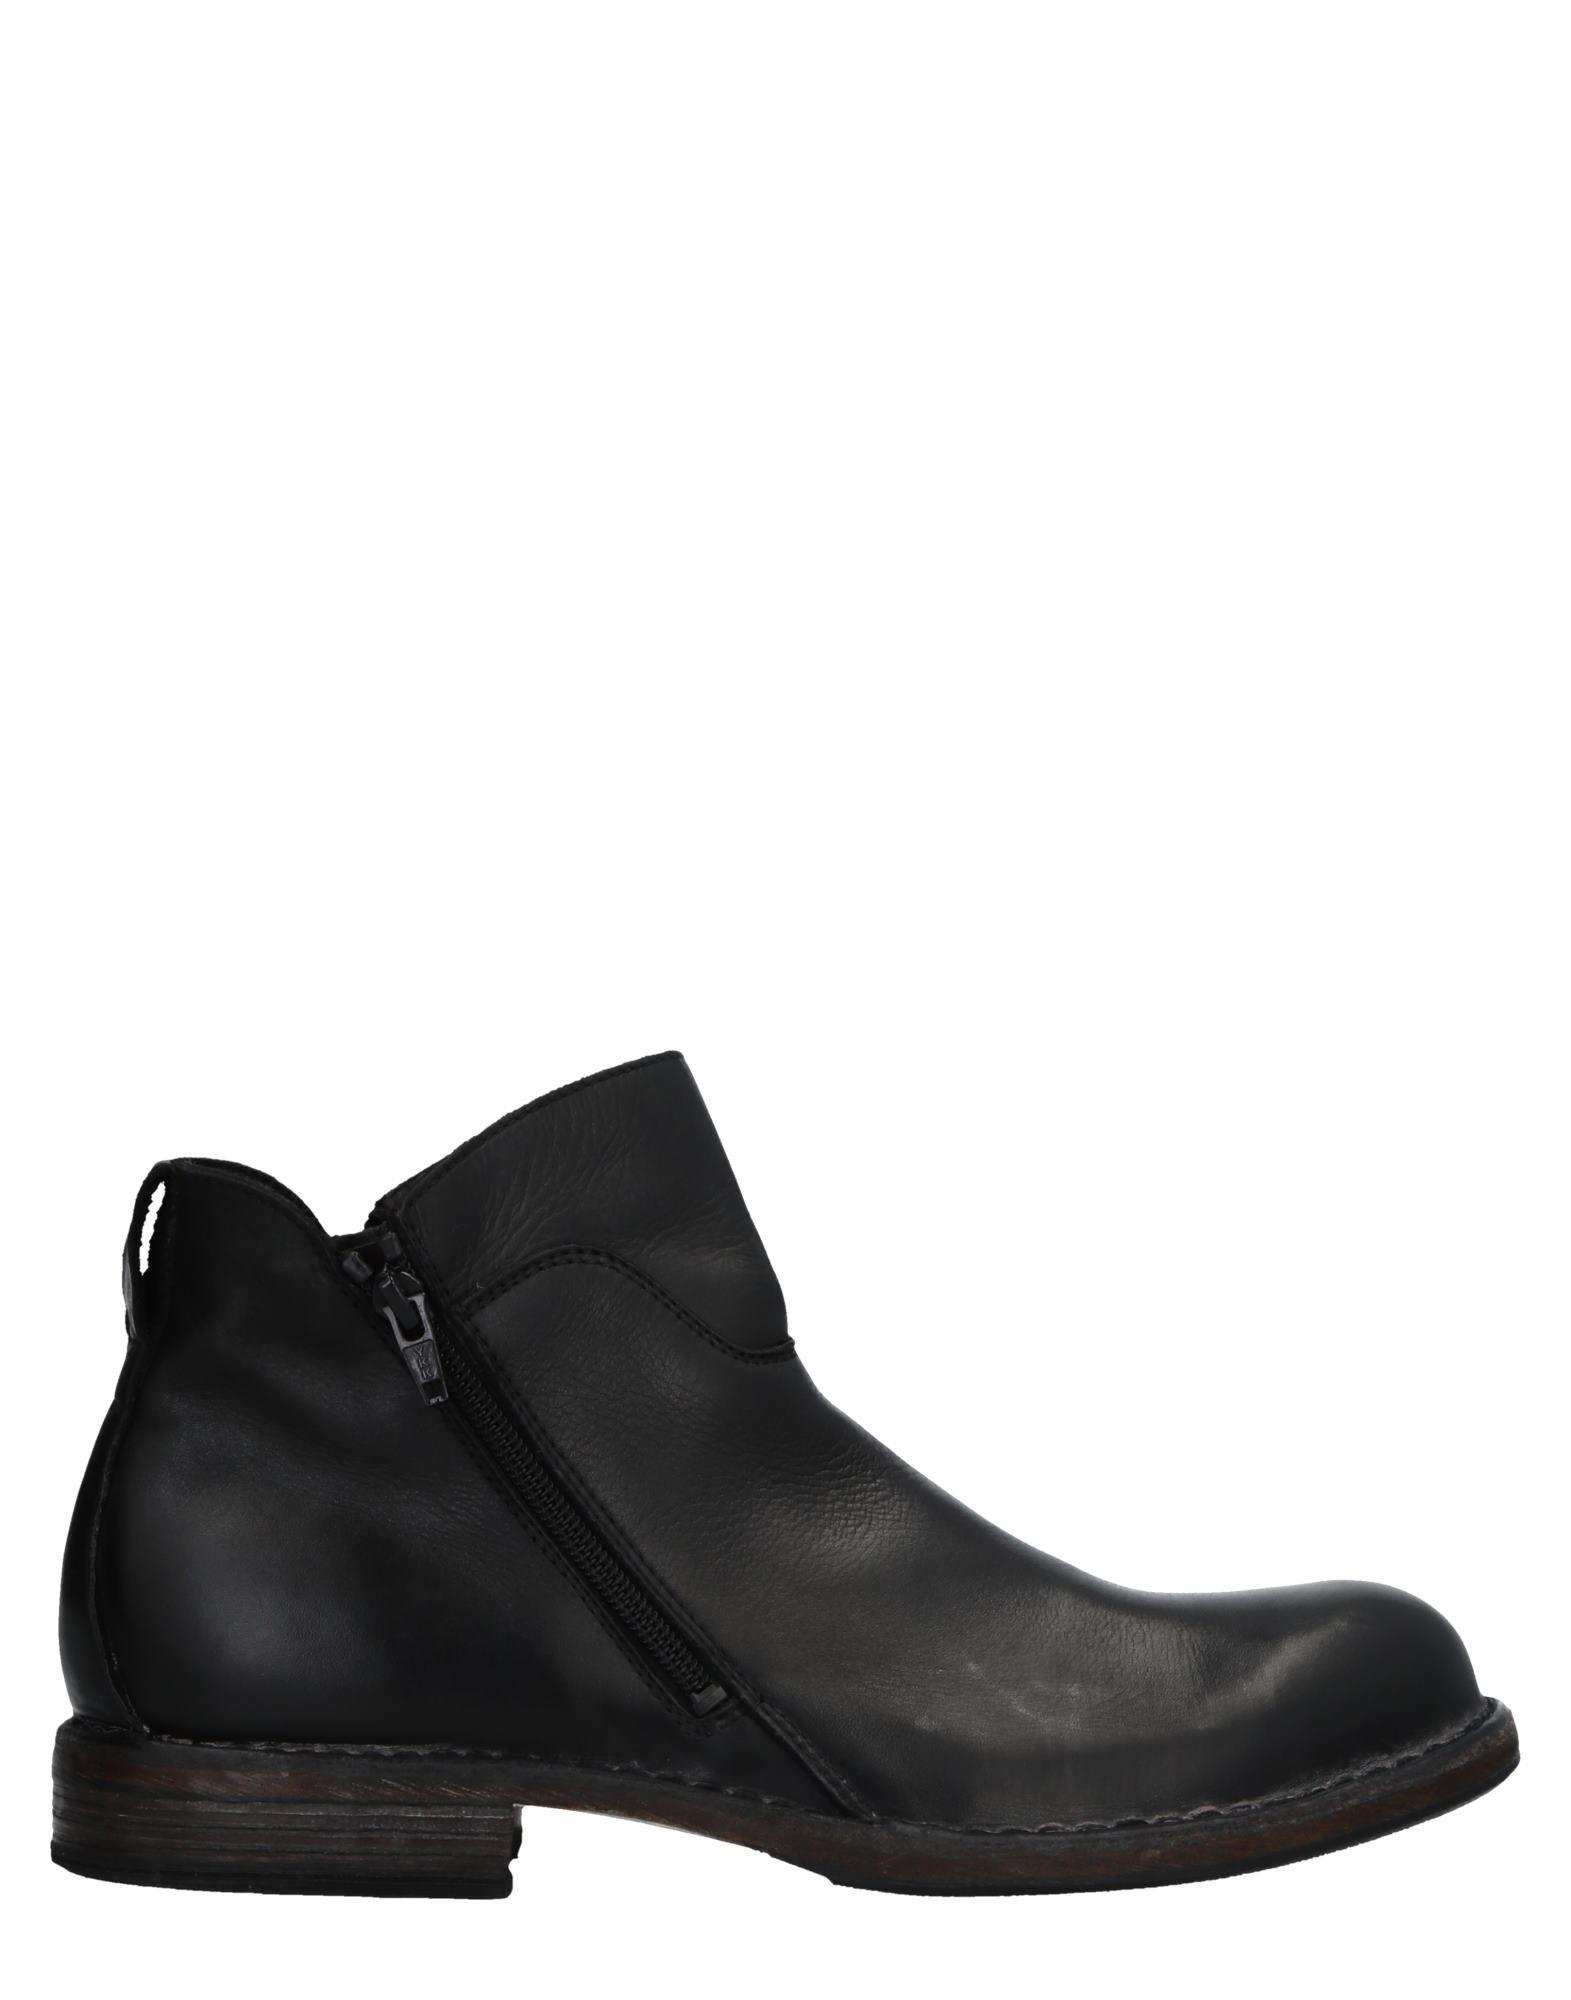 Moma Stiefelette Herren  11516534VH Gute Qualität beliebte Schuhe